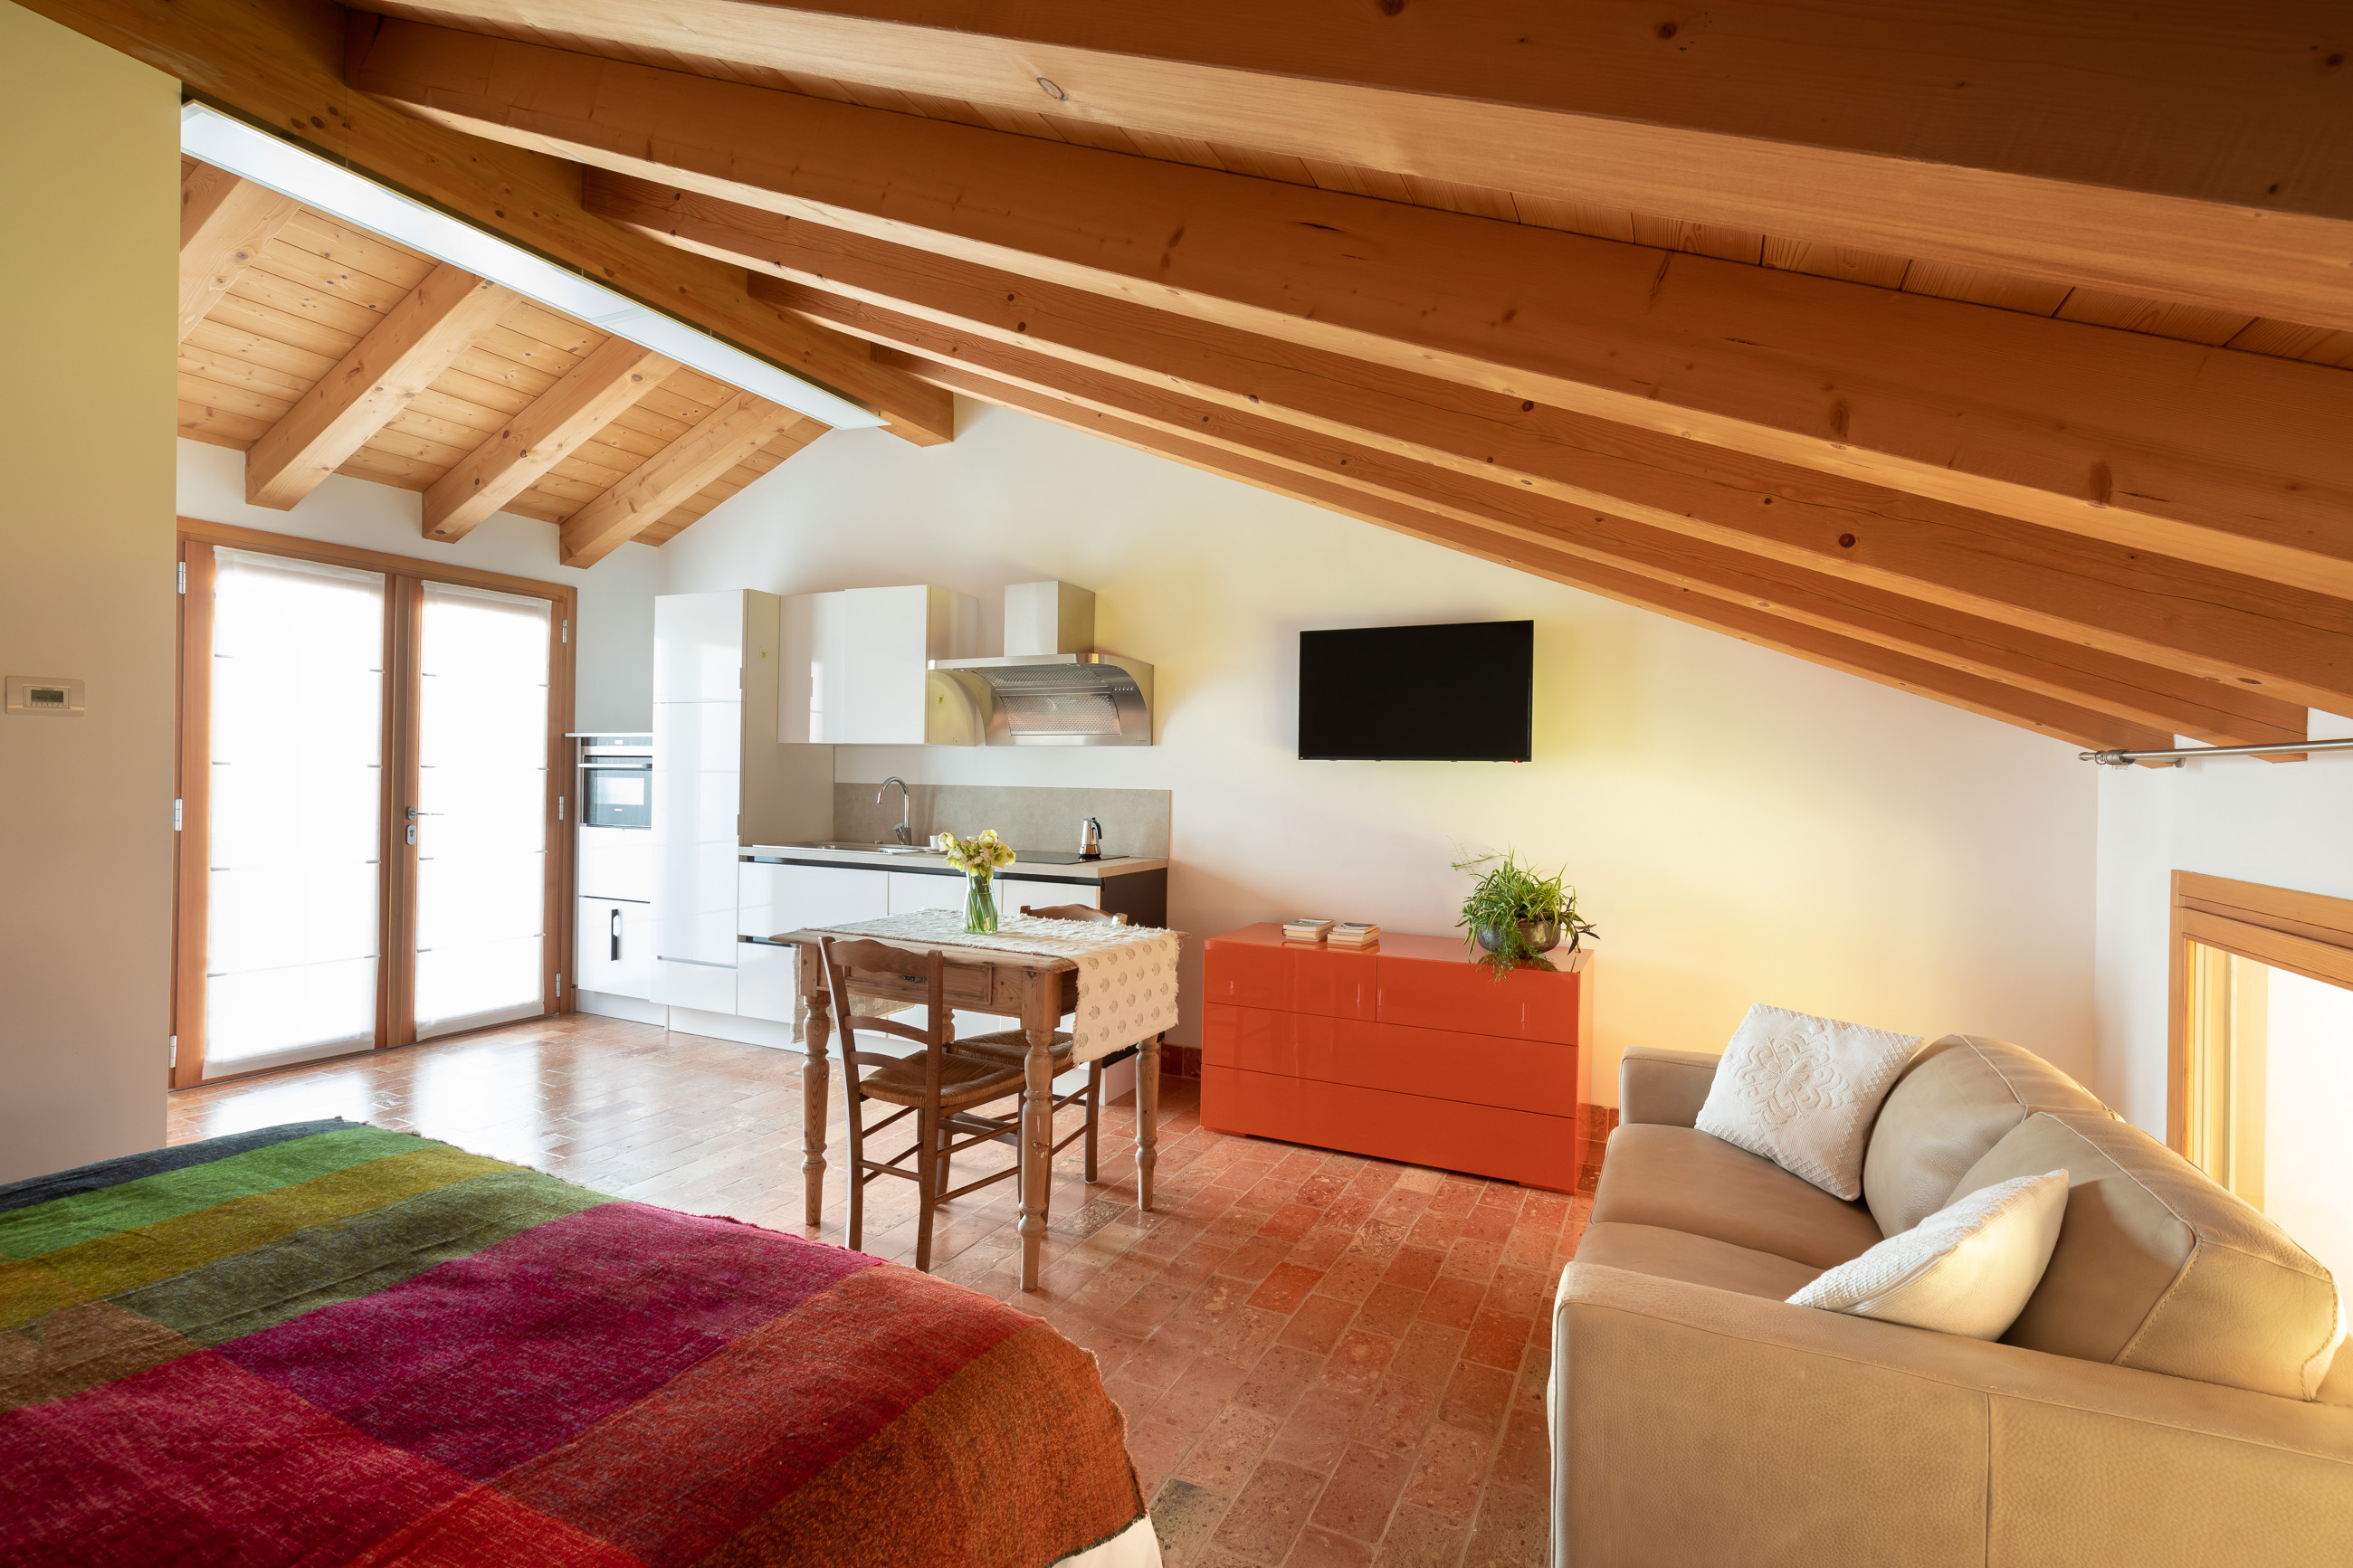 Casa Fiorindo: spazio interno moderno e confortevole